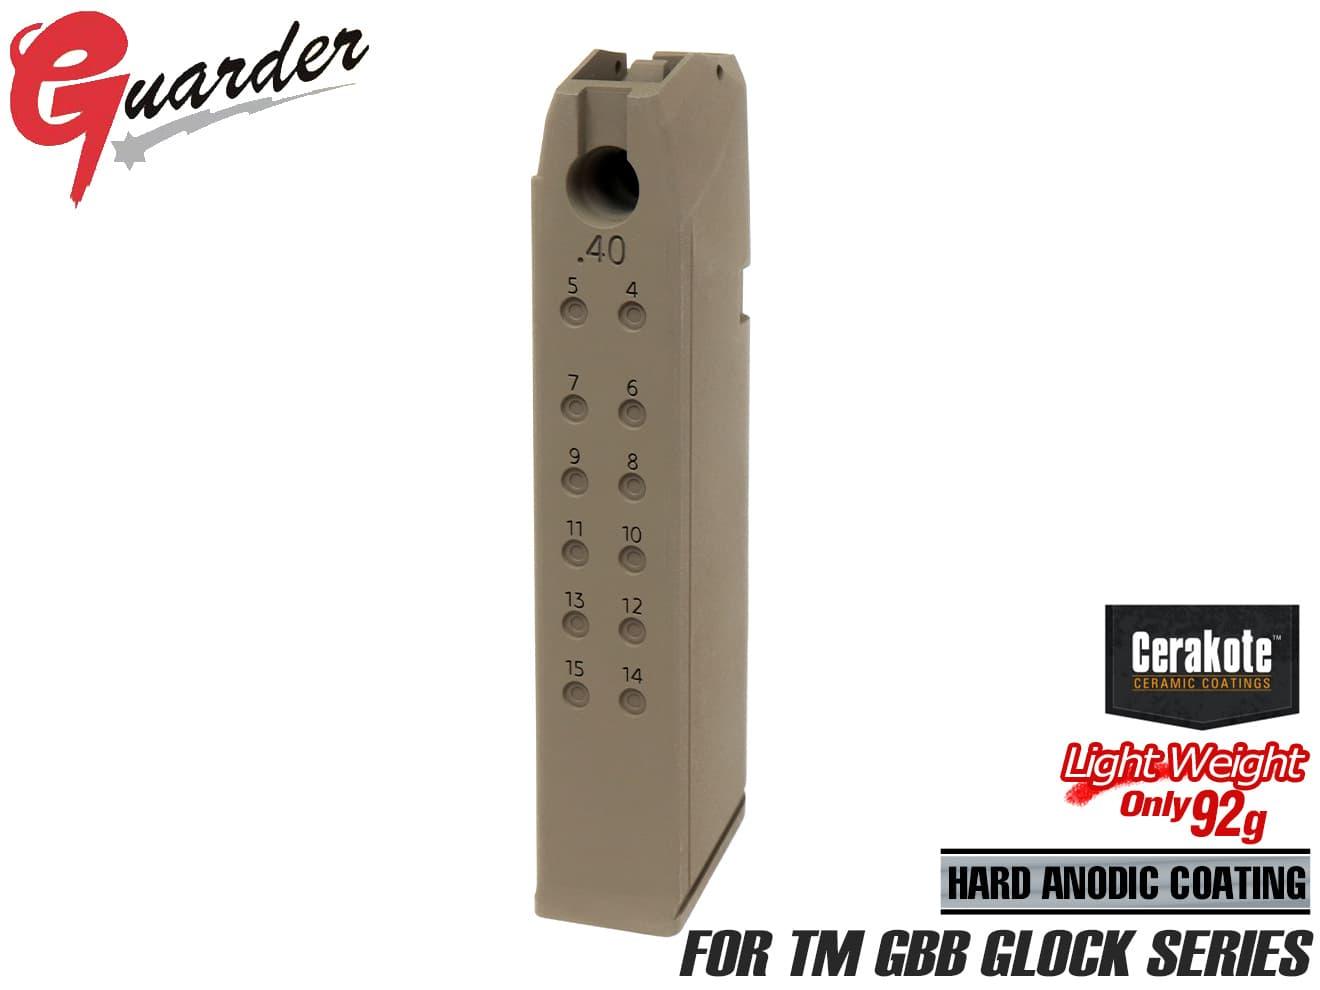 装備・備品, その他 GLK-150(B)FDEGUARDER G17G18CG22G34 .40 FDE GBB GLOCK WE KJ